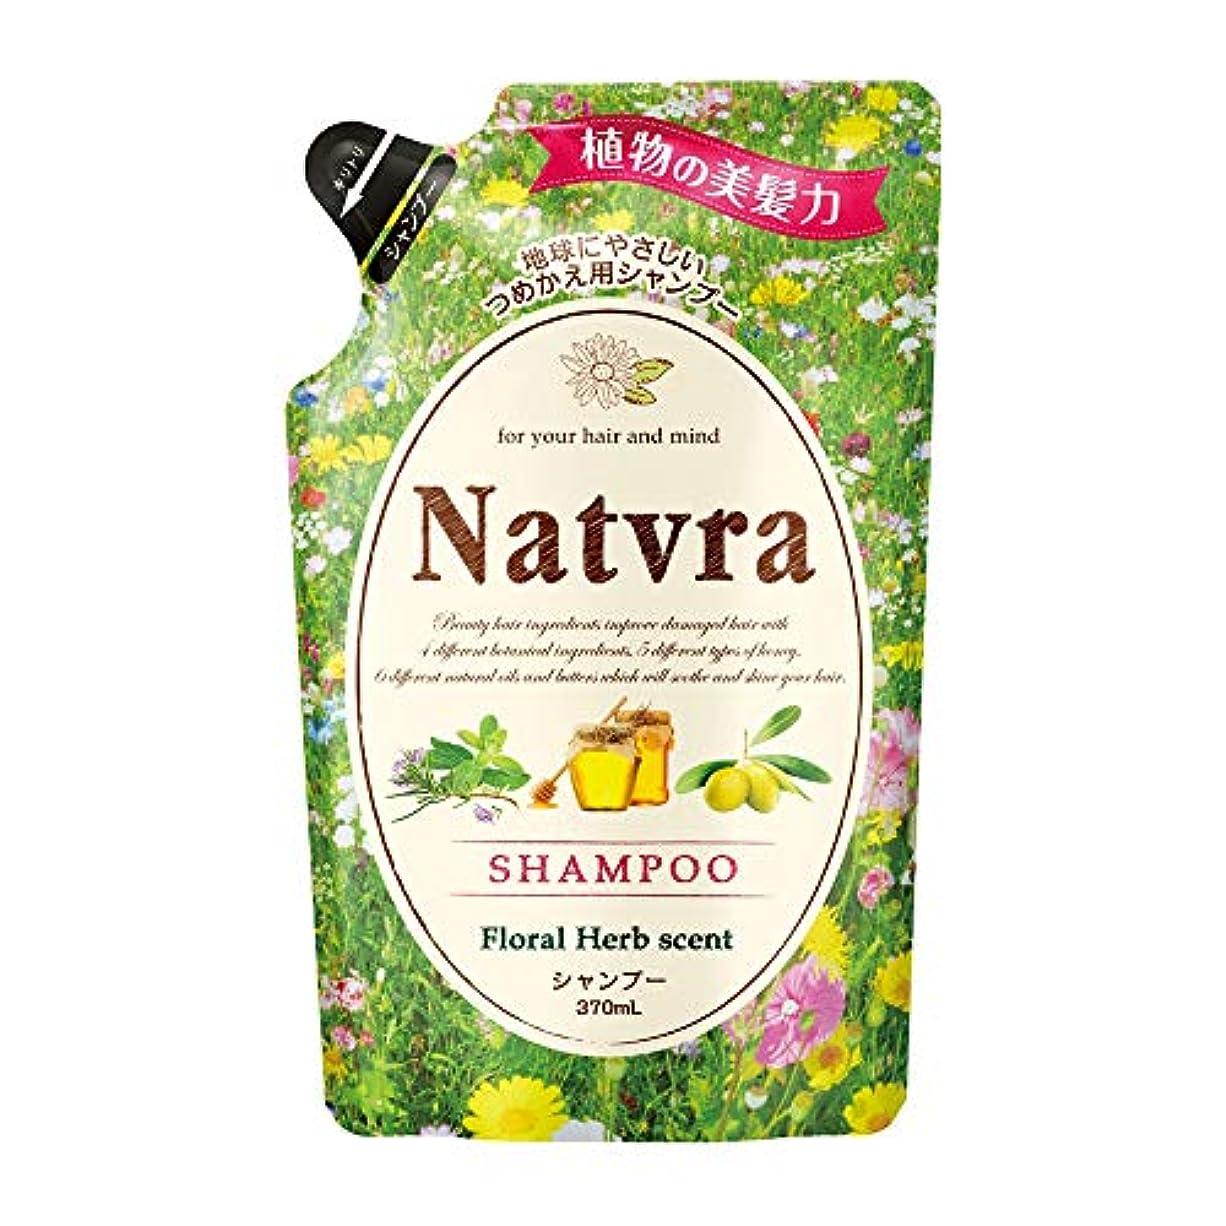 Natvra(ナチュラ) シャンプー つめかえ用 370ml